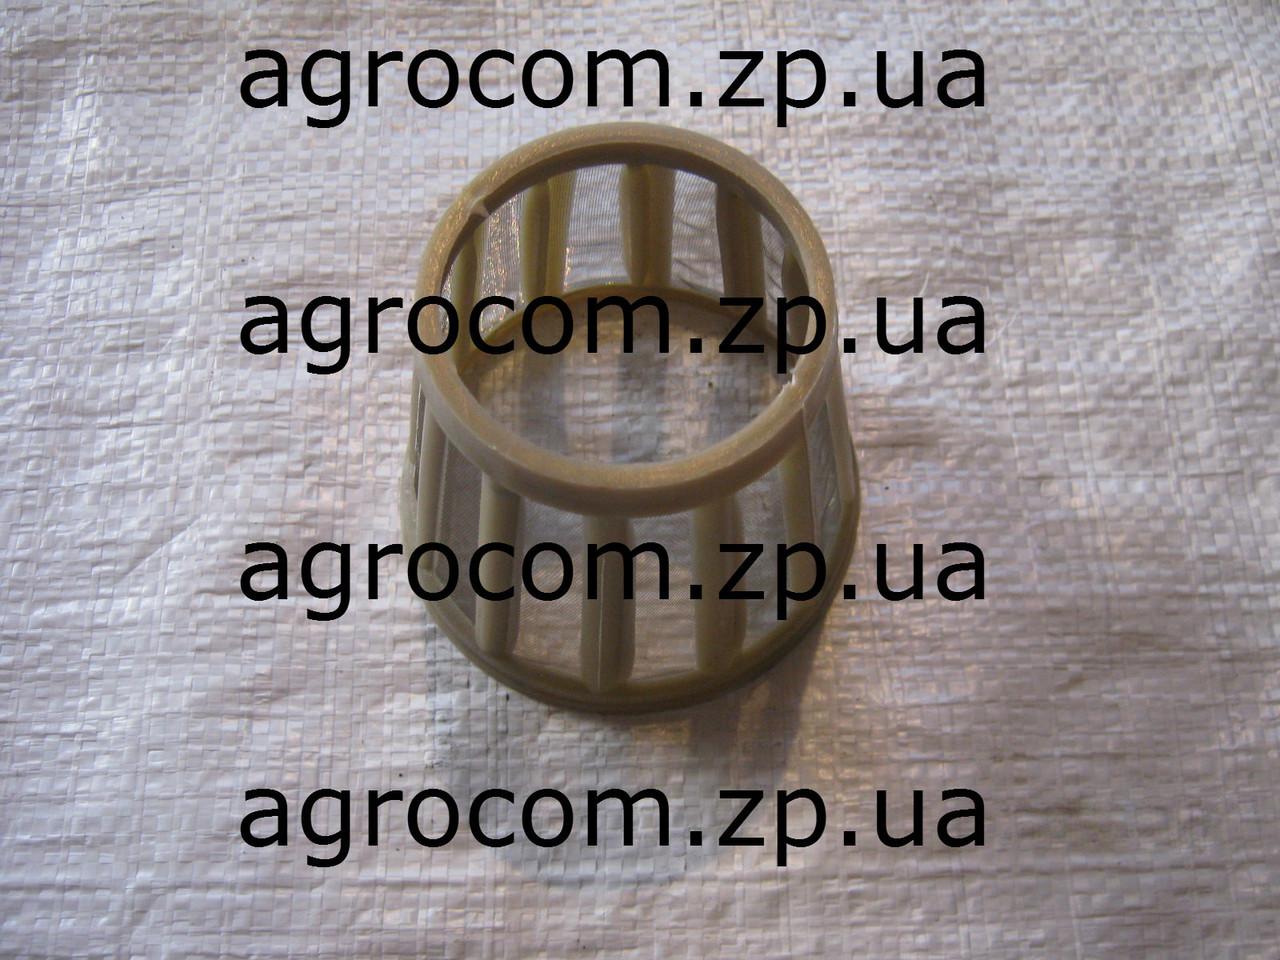 Сетка фильтрующая центрифуги МТЗ-80, Д-240